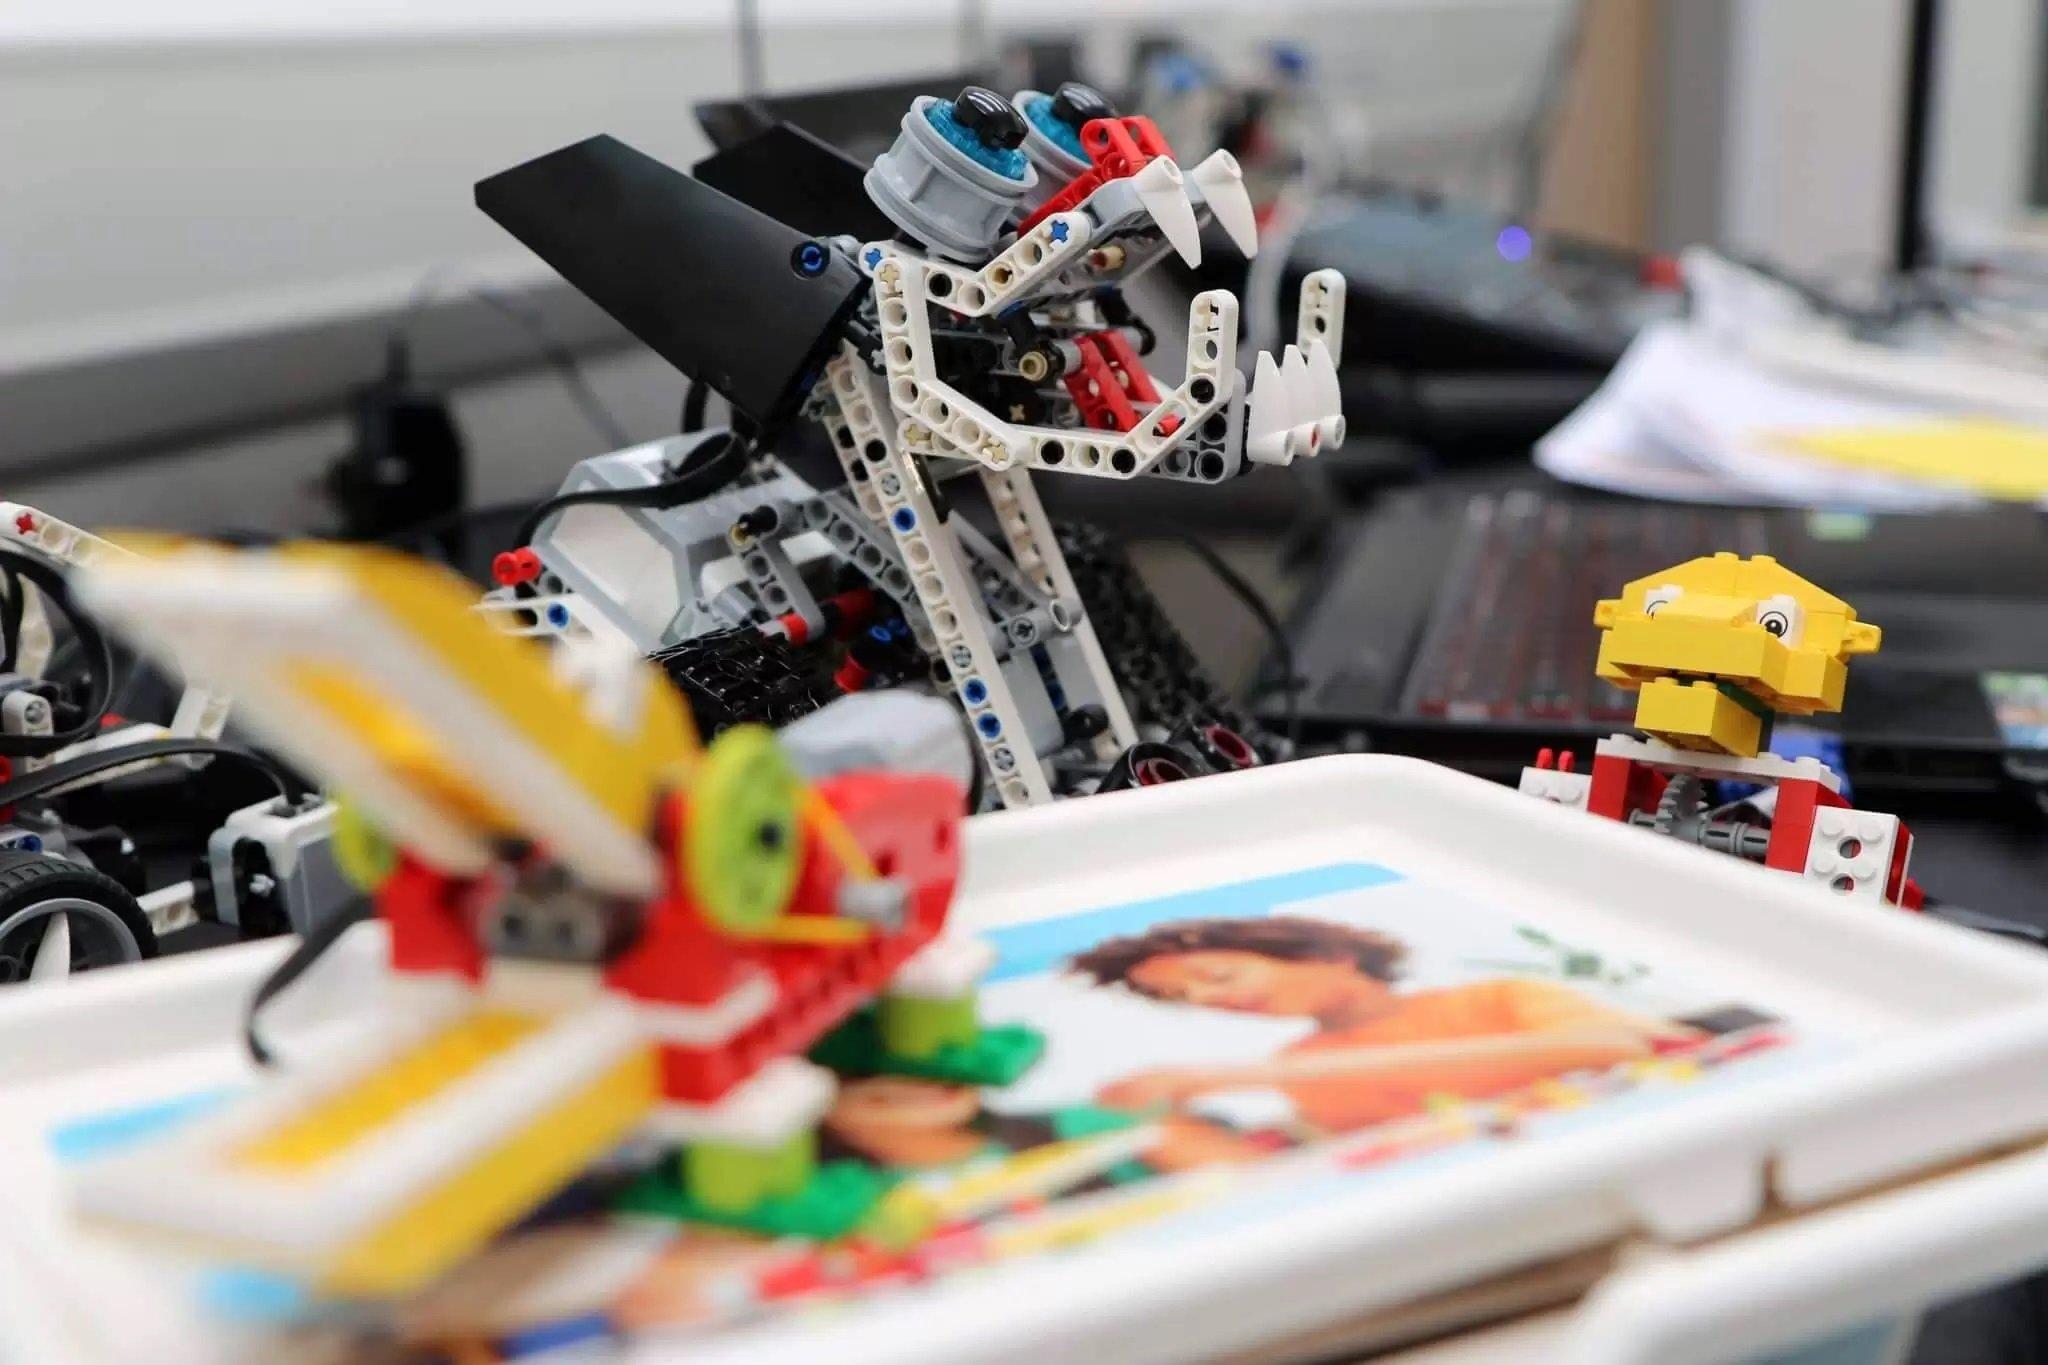 Warsztaty Wprowadzające na zajęcia robotyki